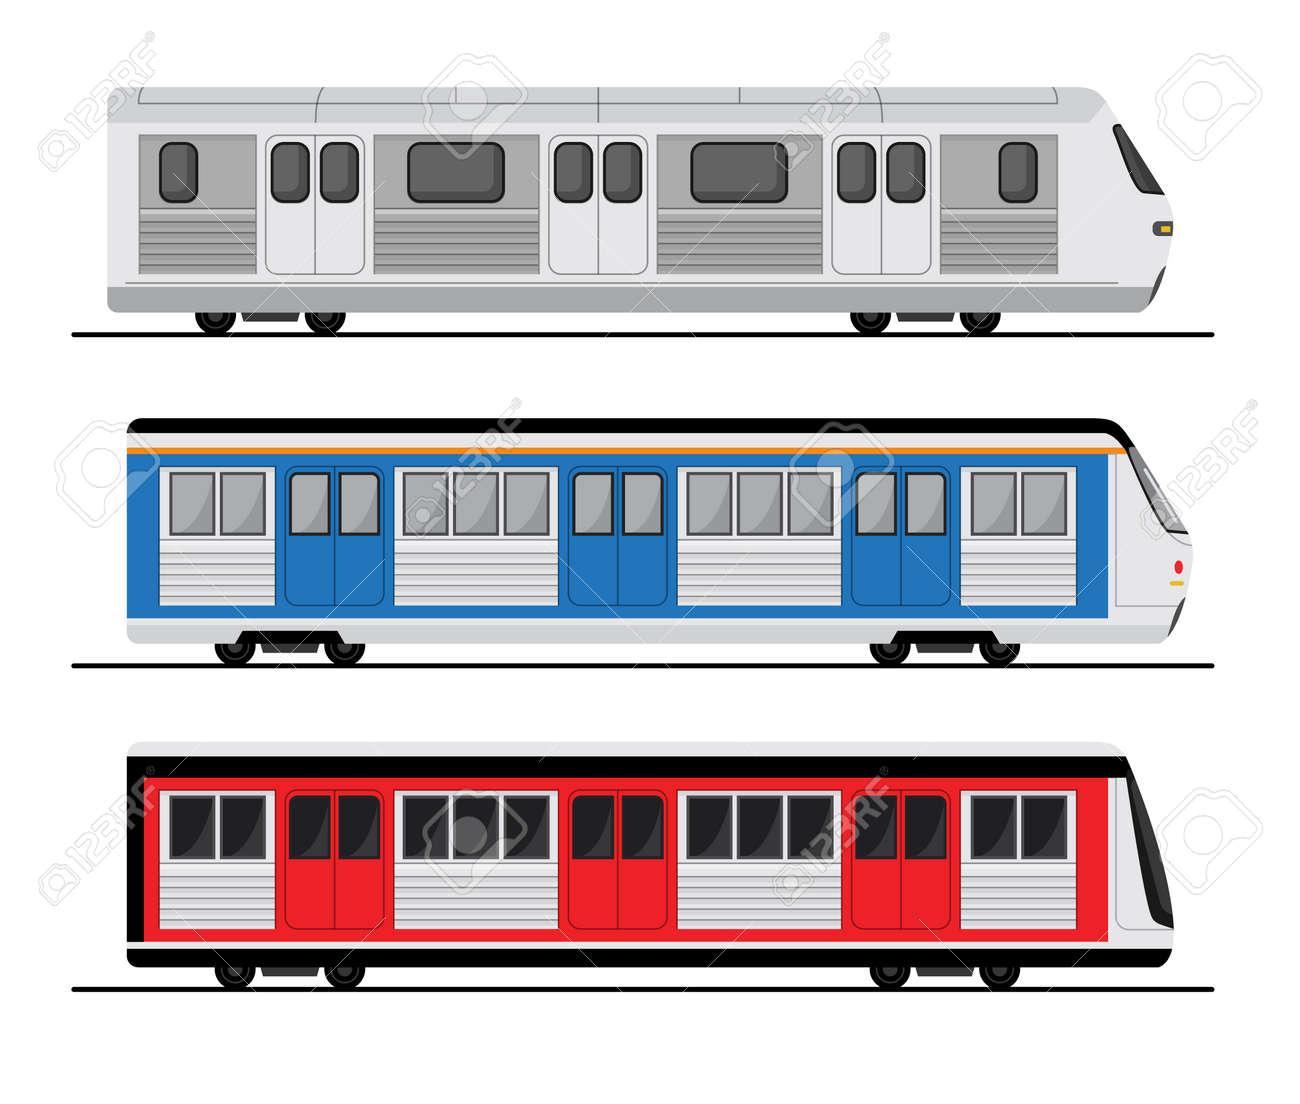 Subway train set illustration, tube station flat train icon. - 168952956